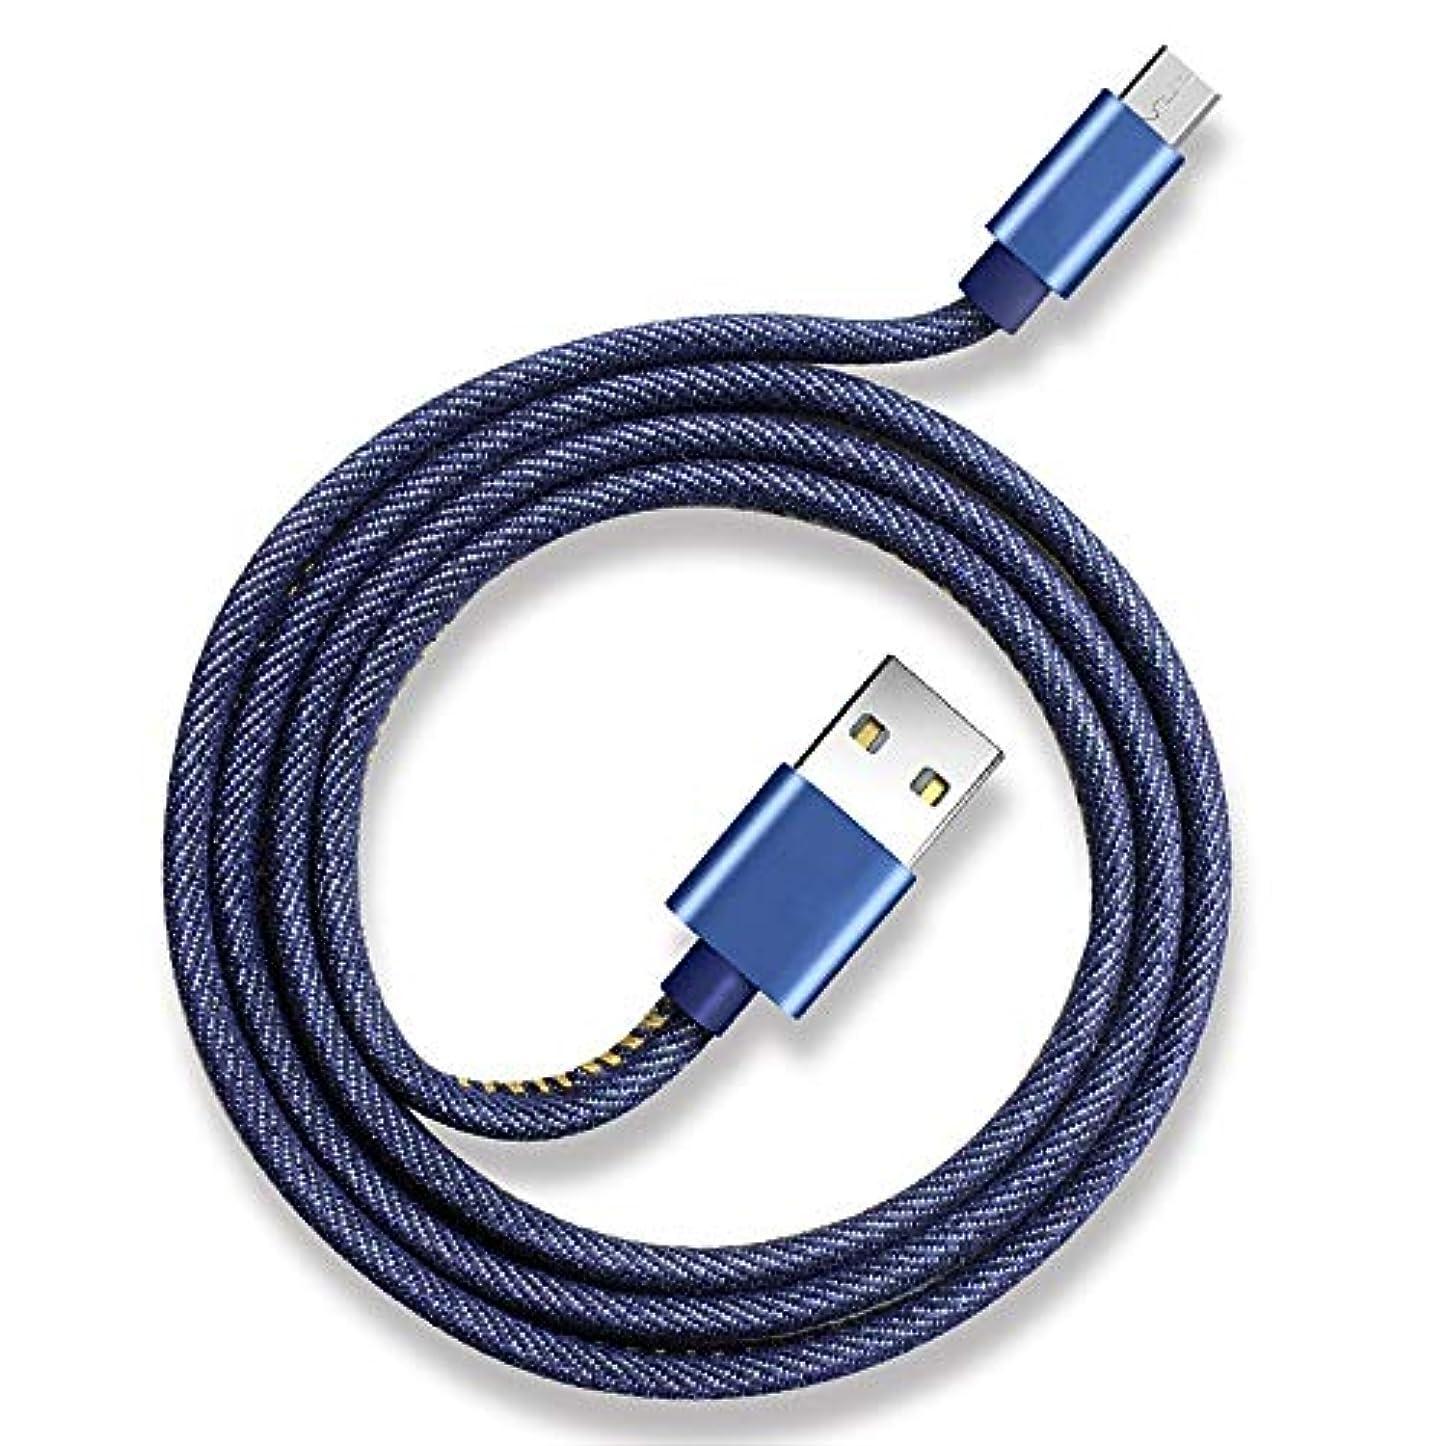 バン予測するとは異なりCorey USB C型ケーブル[1 m / 2 m、ブラック/レッド/ブルー] USB 3.1 C型ケーブルQuickCharge 3.0データケーブル、Sony Xperia XZ/XZ 2、Samsung Galaxy S9 / S8 / A3 / A7 / A9と互換性のある充電ケーブル/ C5 / 7pro / C9、Nexus 5X / 6P、すべての種類のAndroid 3A急速